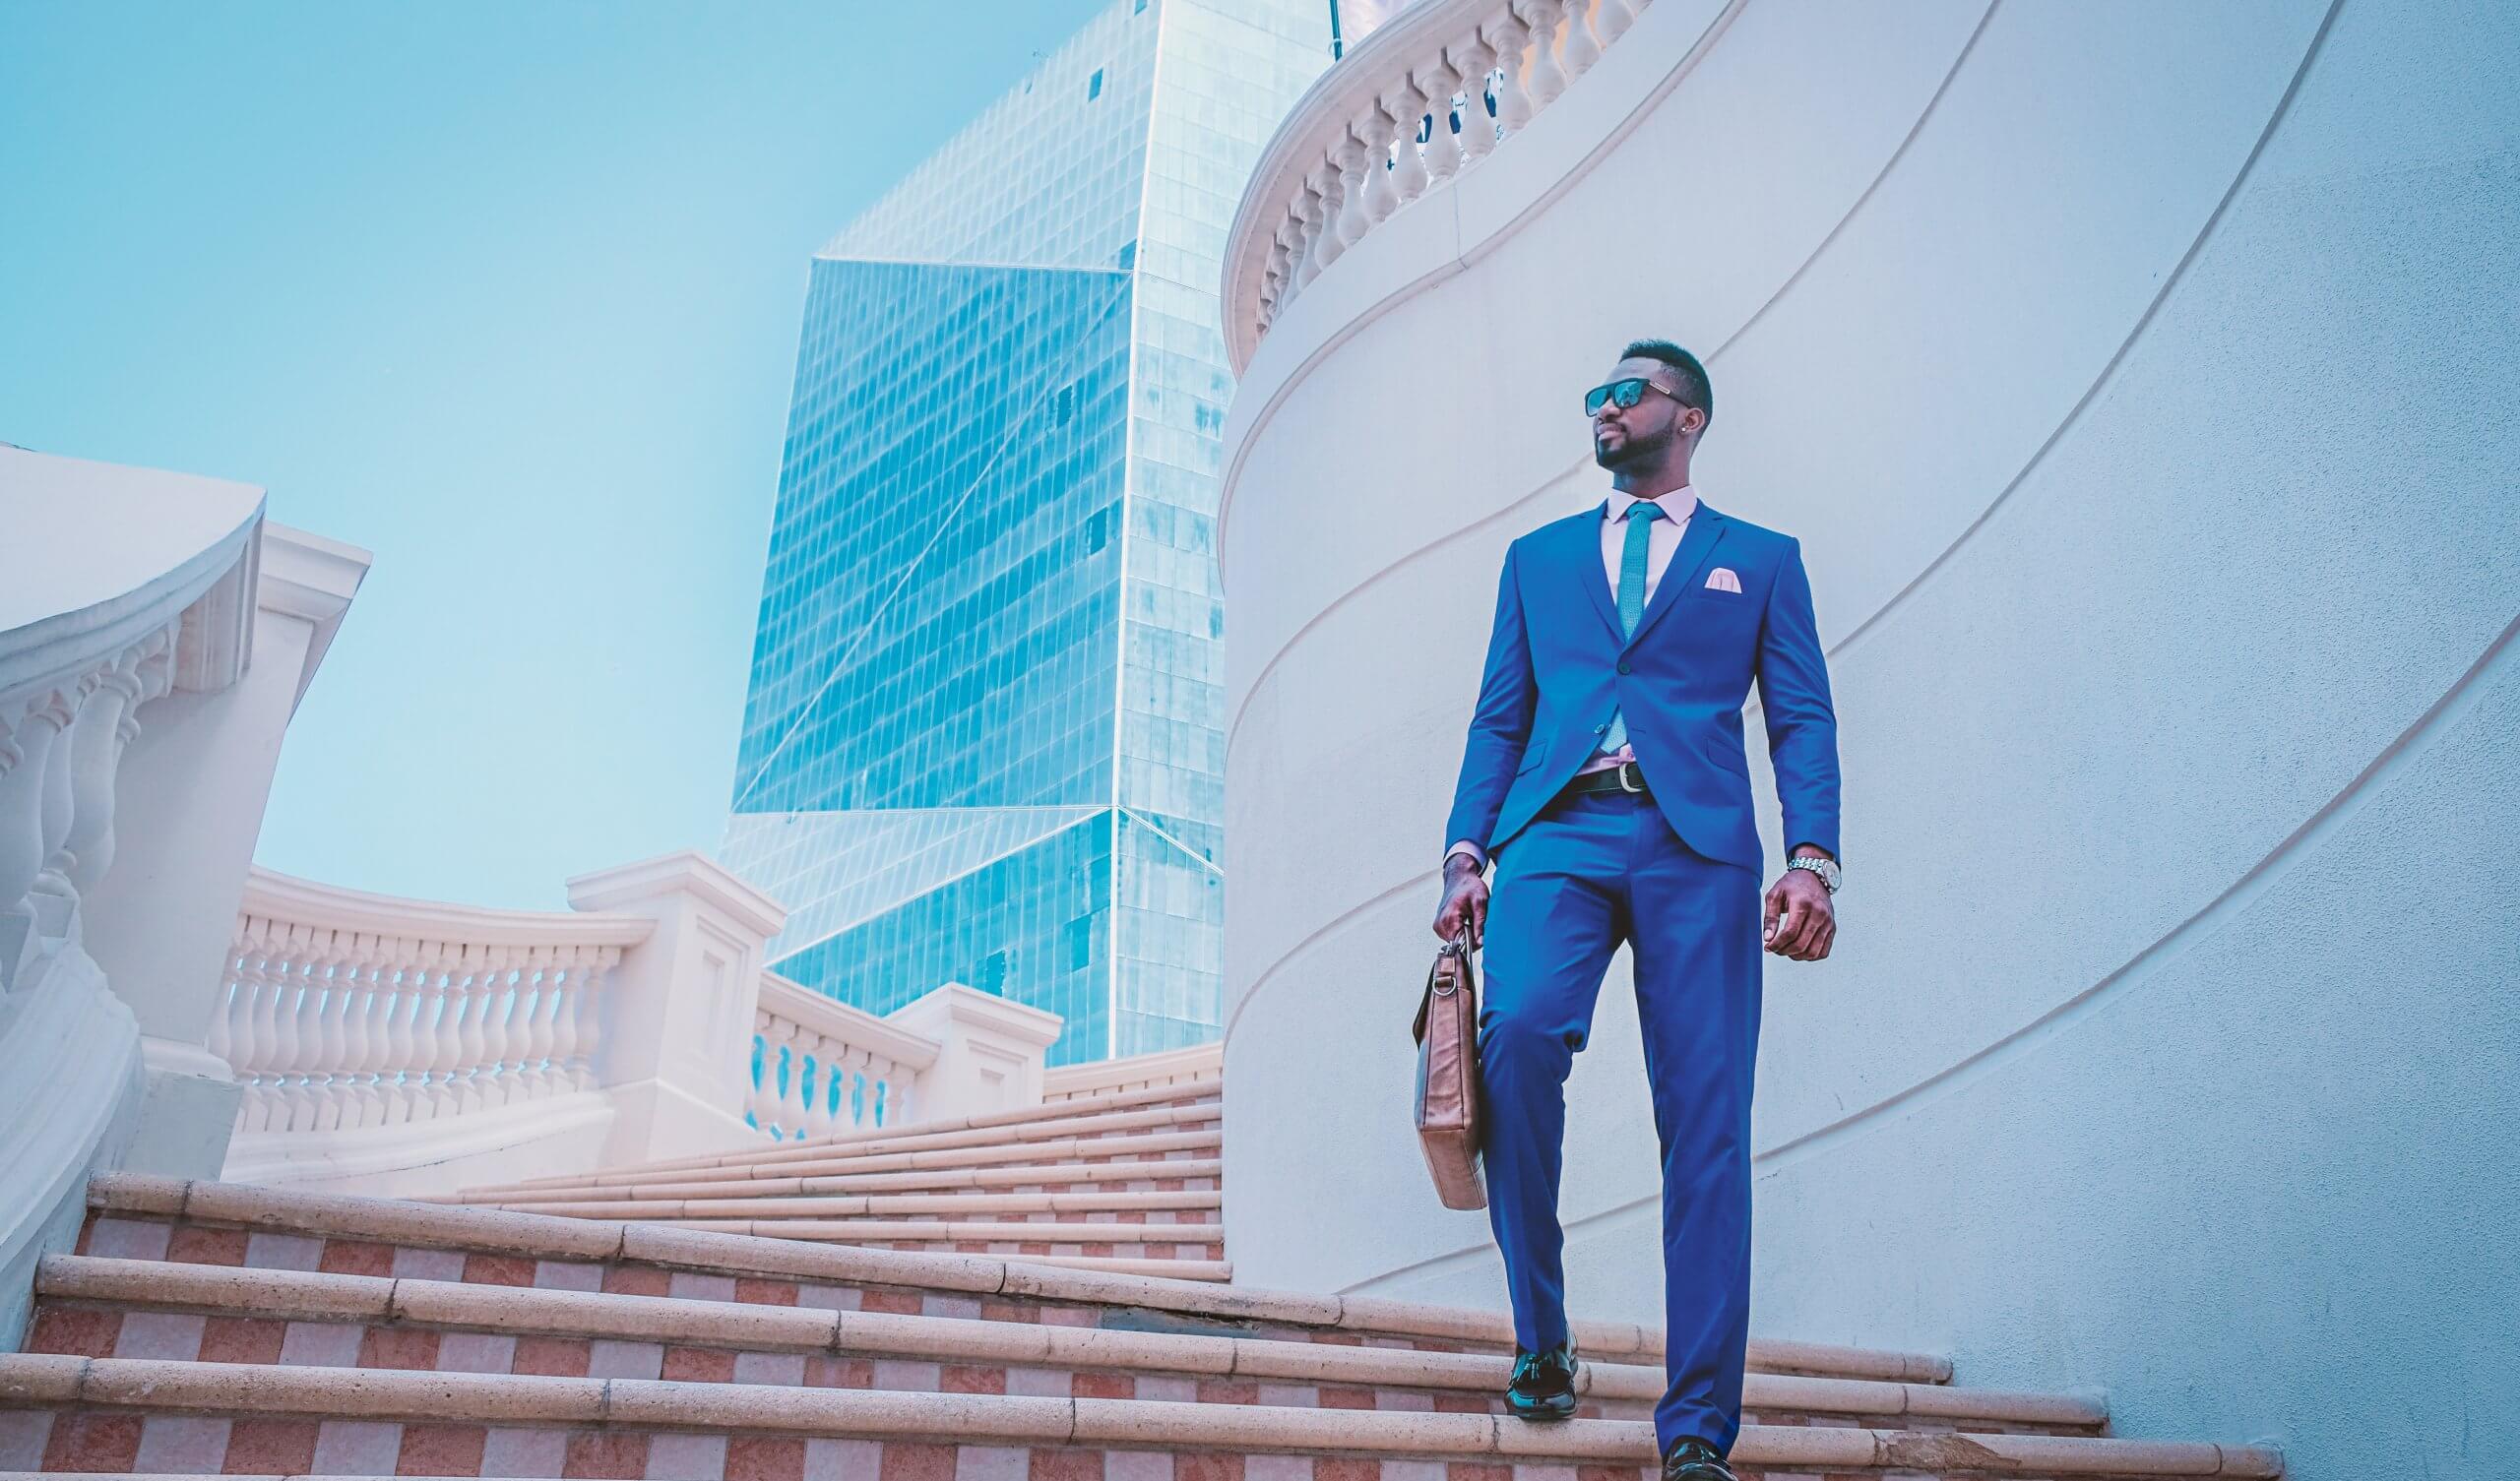 Entrepreneur in blue suit